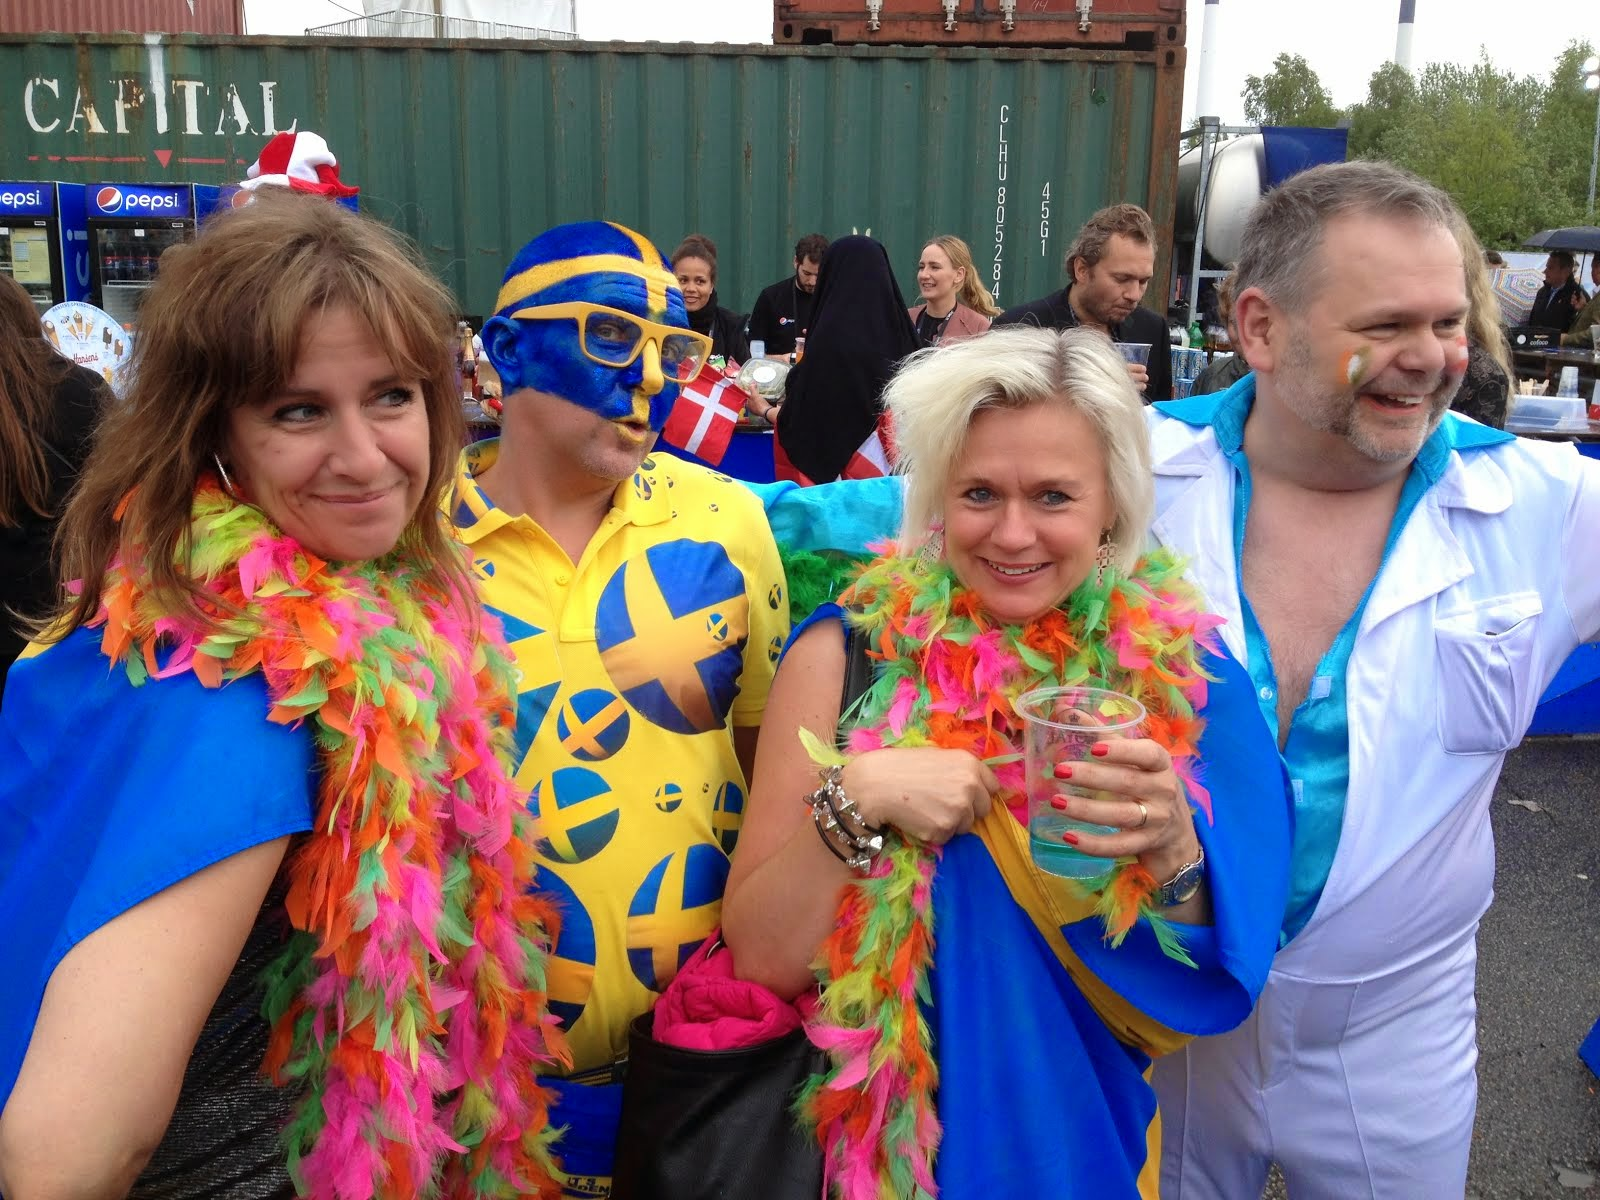 ESC Copenhagen 2014